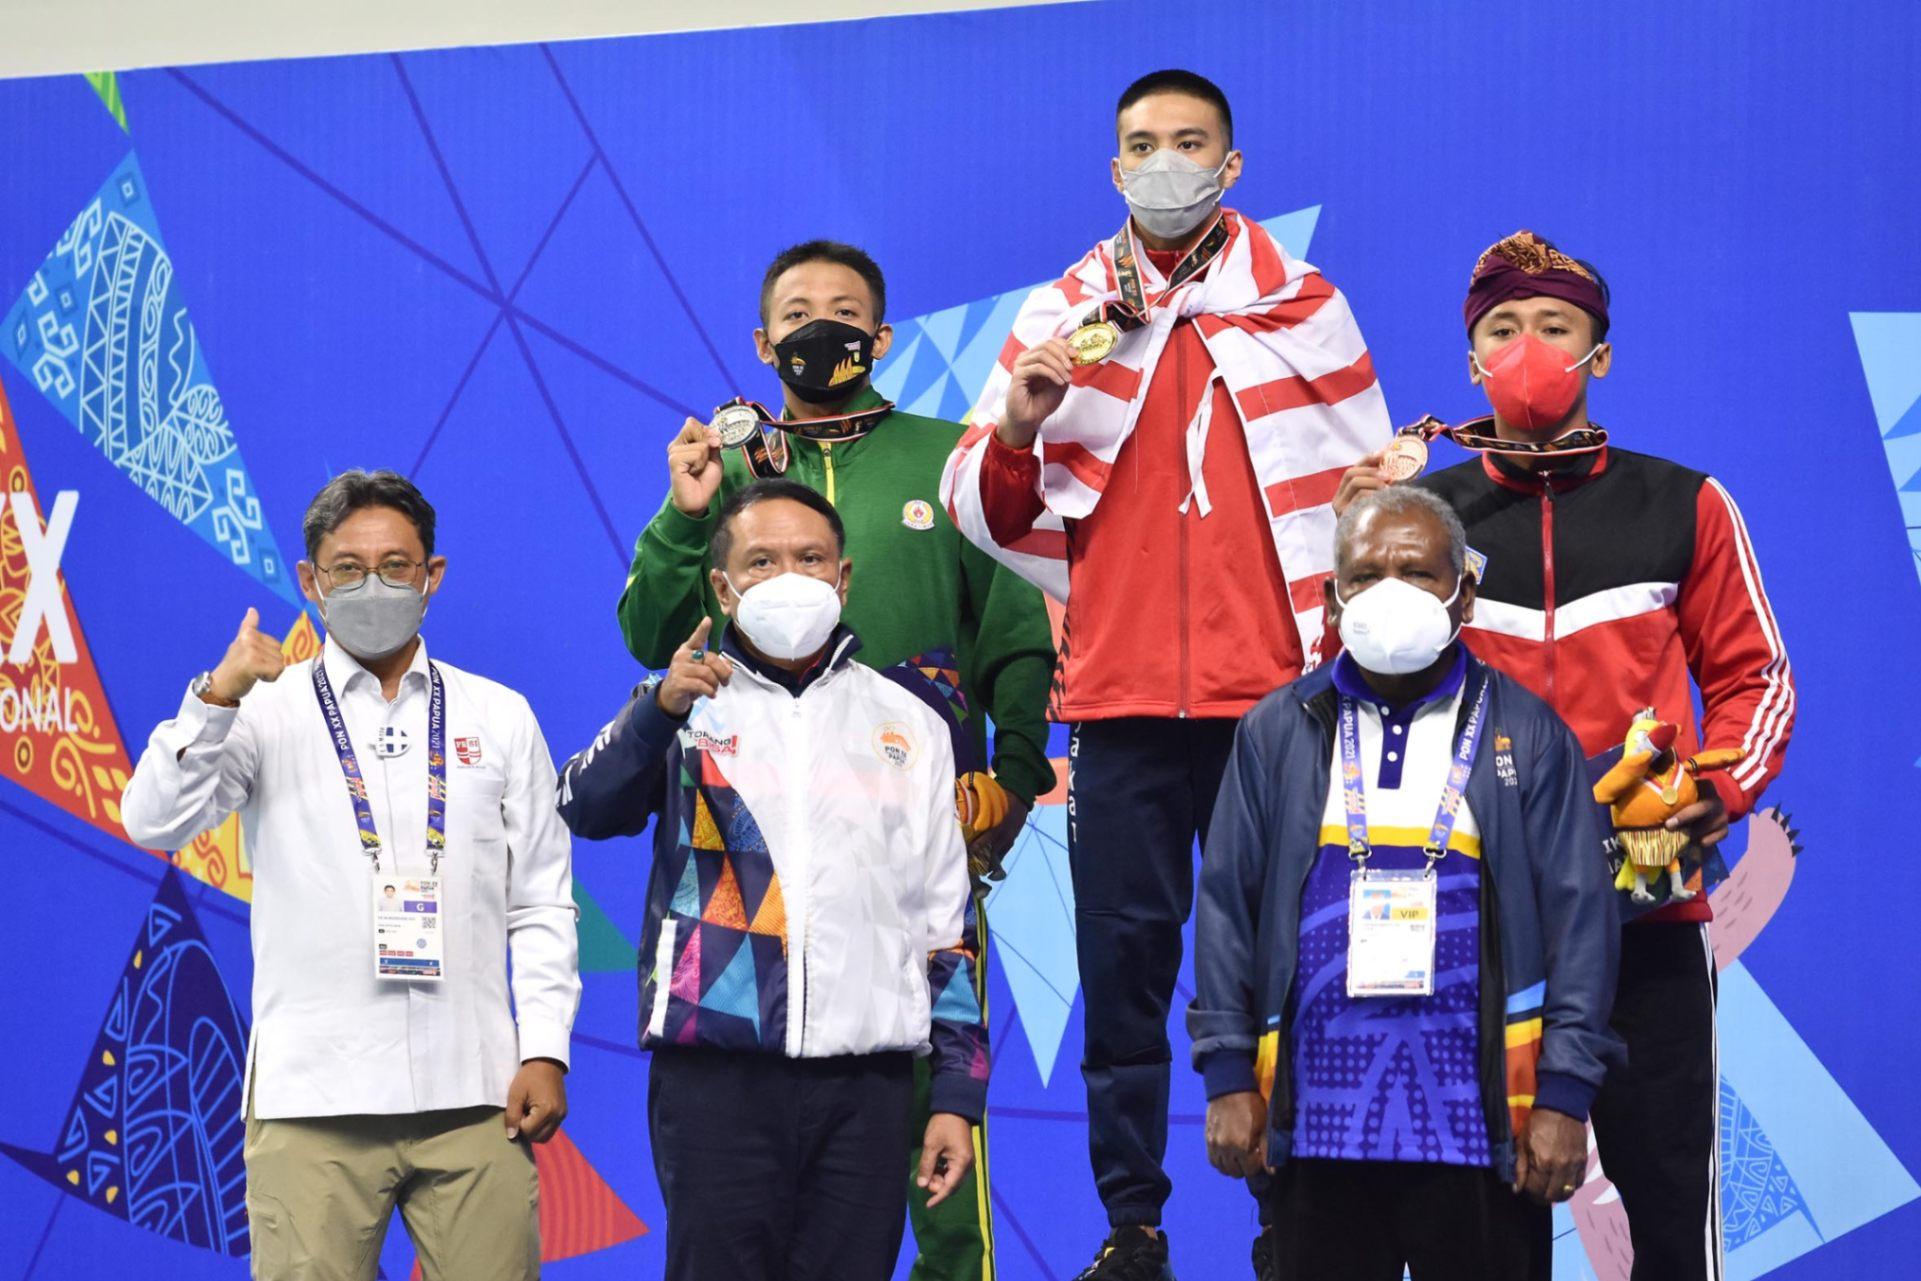 Penganugrahan medali cabor Renang nomor 200m Gaya Dada Putra dihadiri Oleh Menpora Zainuddin Amali di Stadion Aquatik Kampung Harapan Jayapura